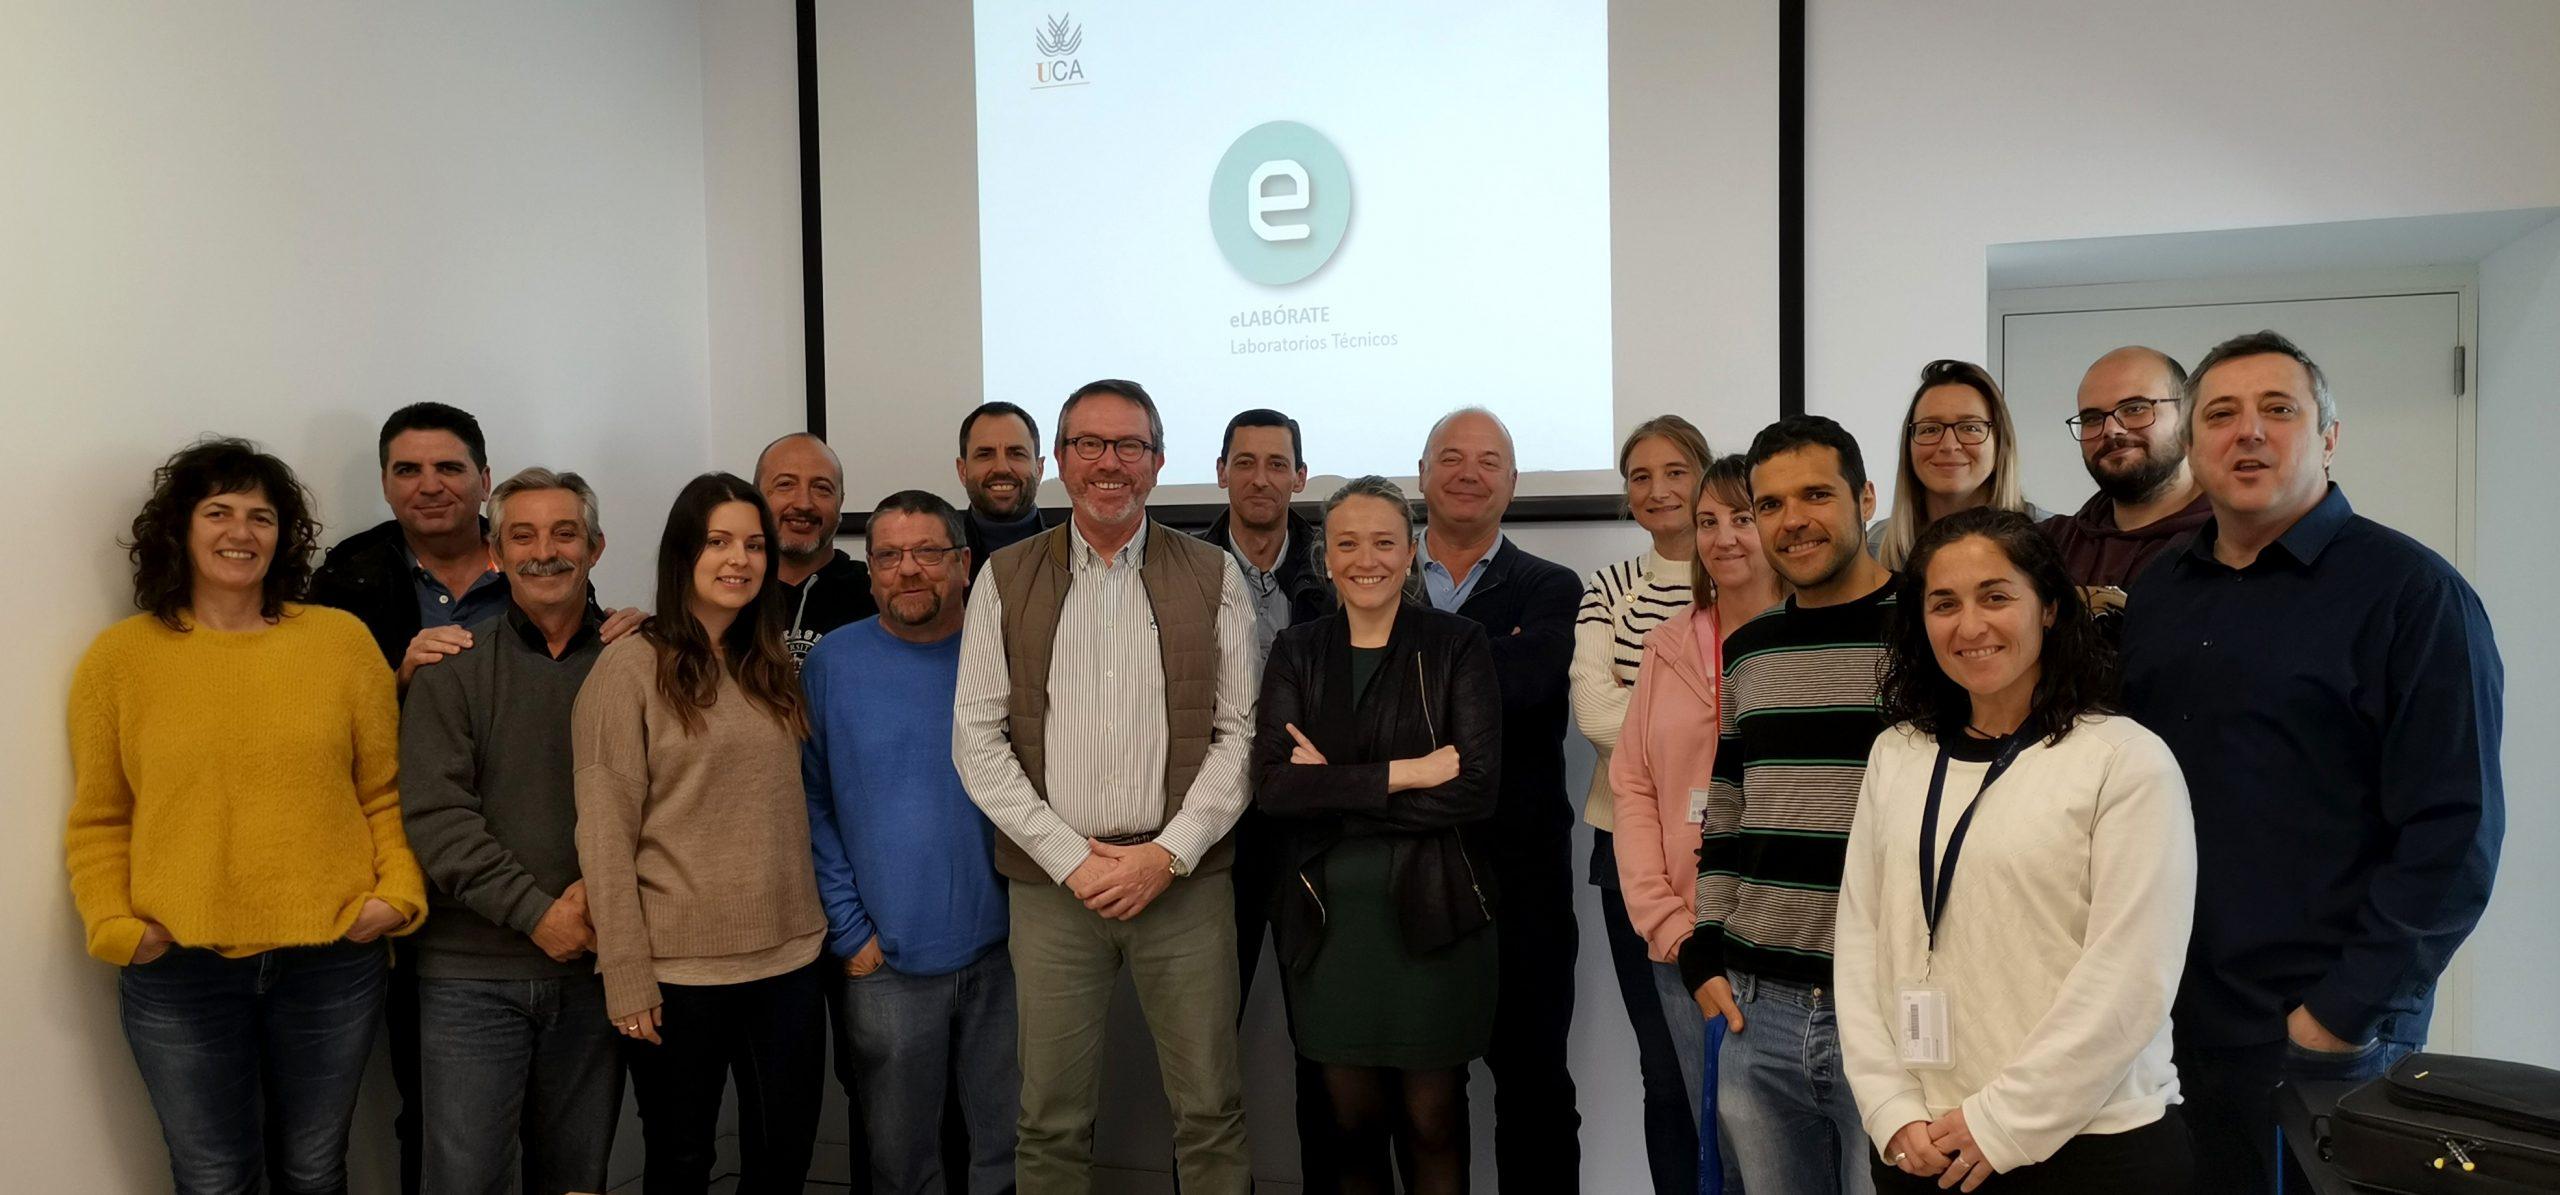 Reunión de Gerencia de la UCA con el grupo 'eLABÓRATE'